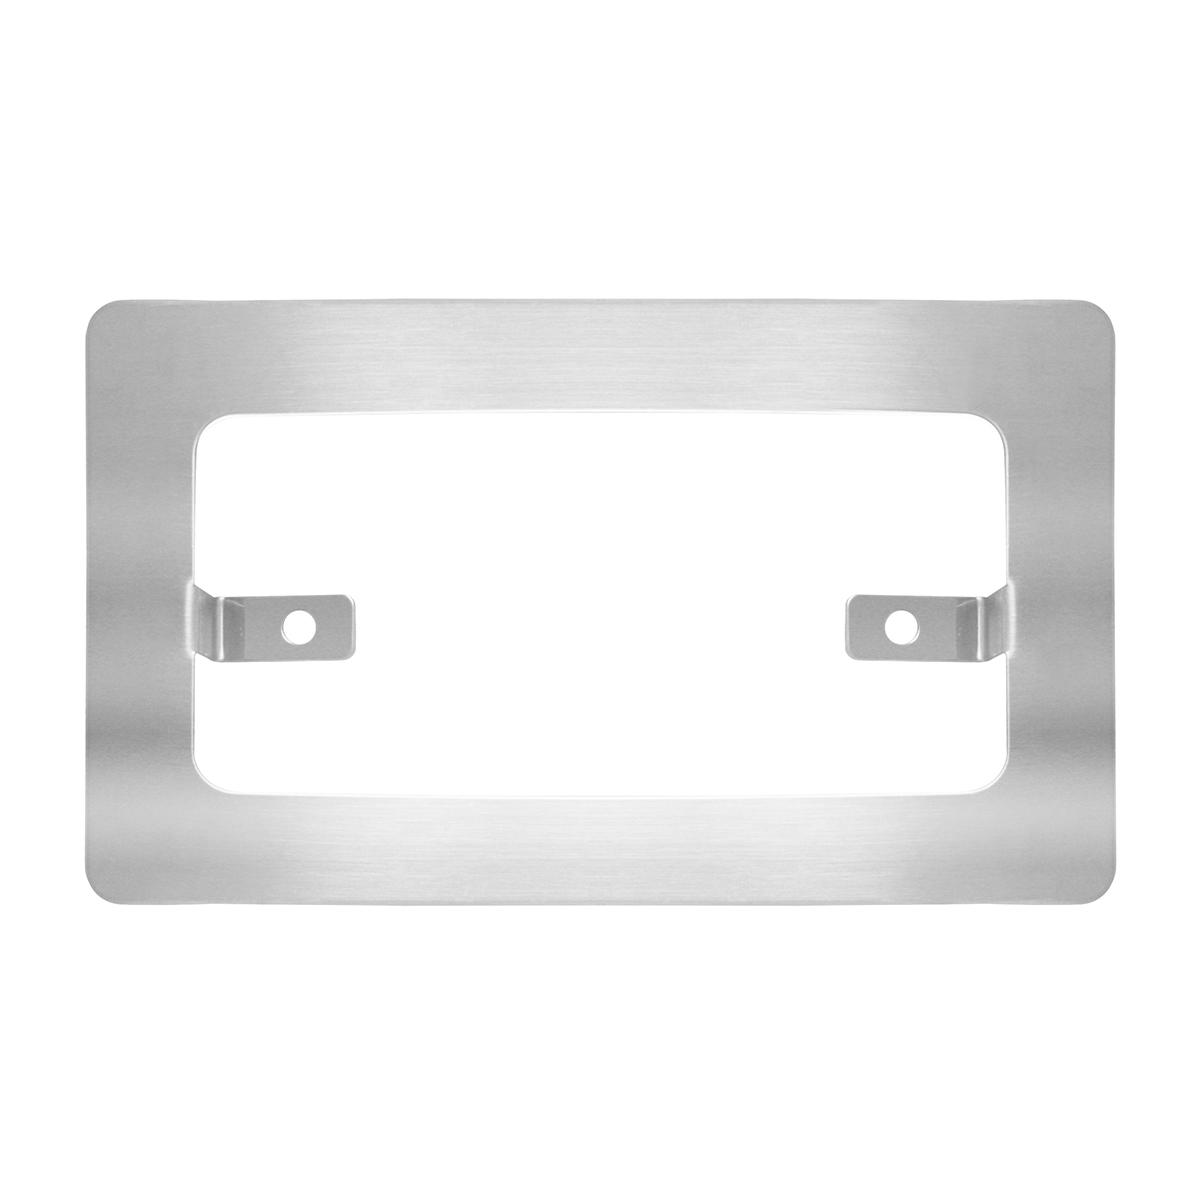 82840 Rectangular Cab Visor Light Bezel for Freightliner & Mack